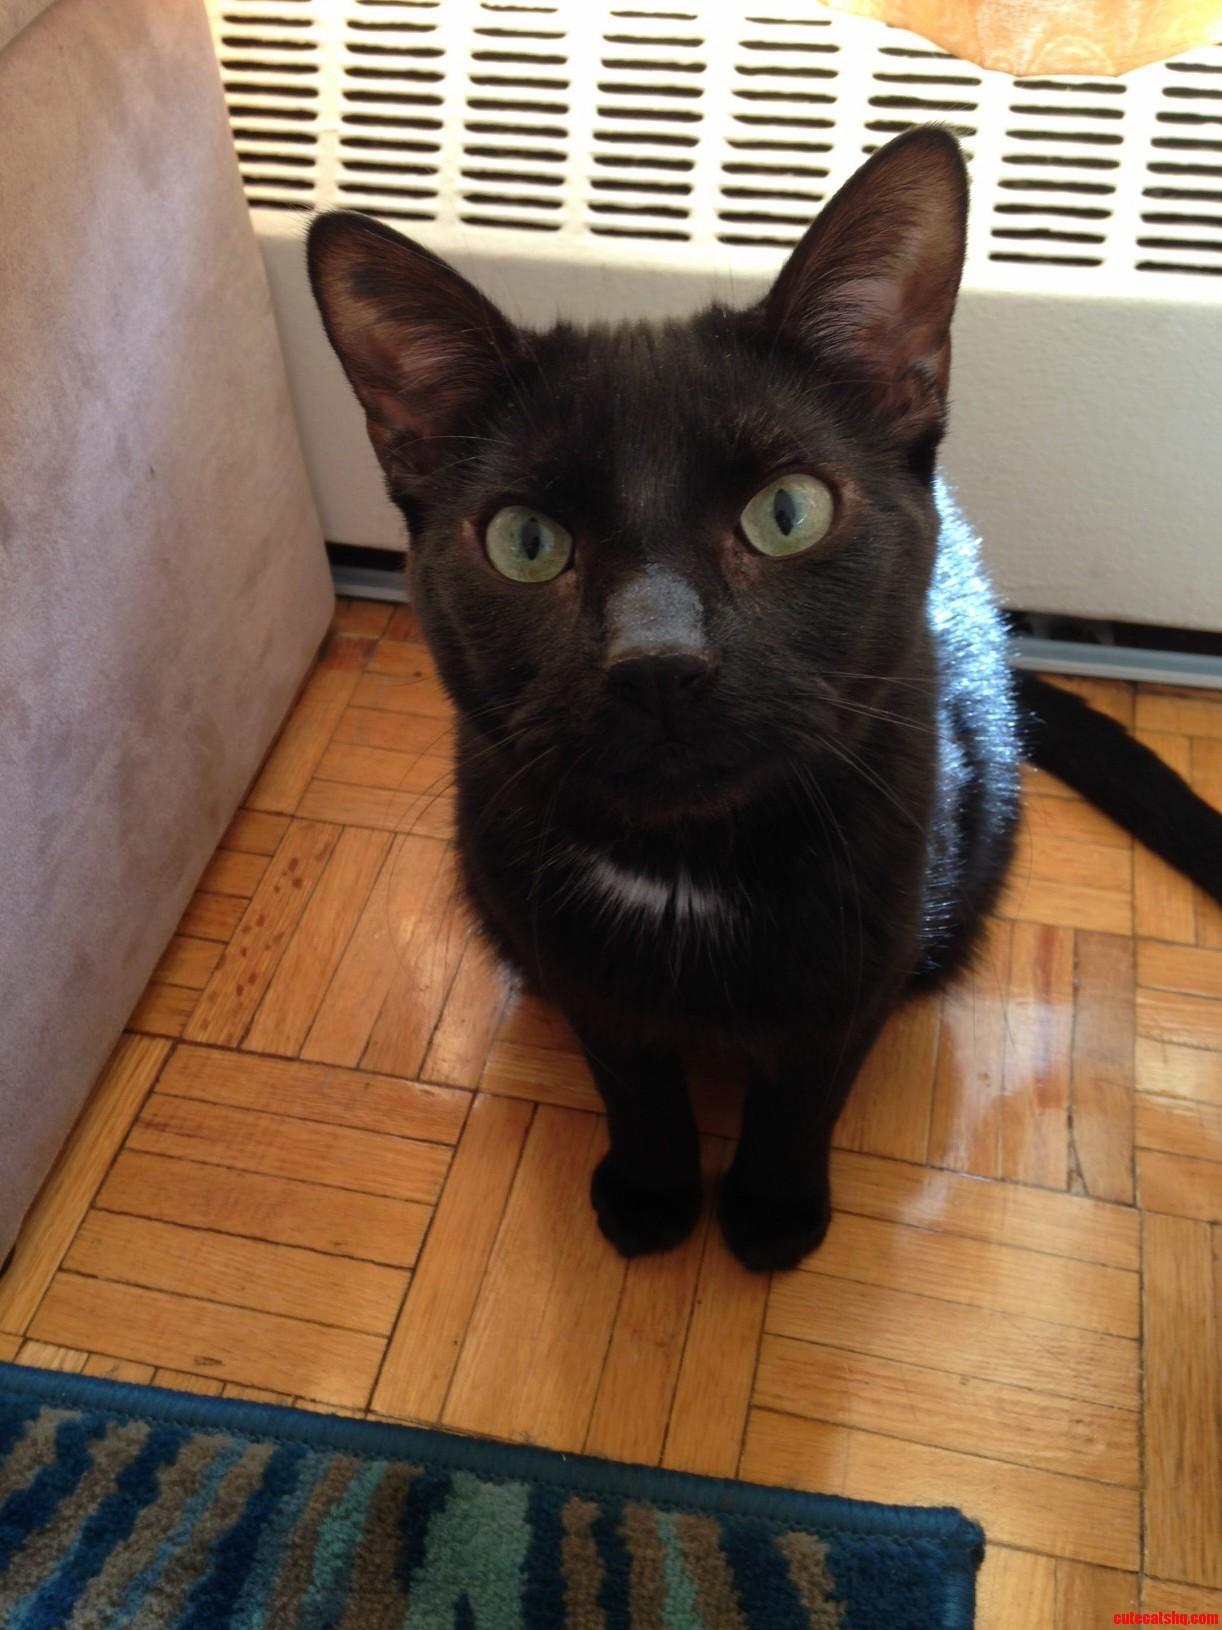 Meet Stringer. He Loves Having His Picture Taken.